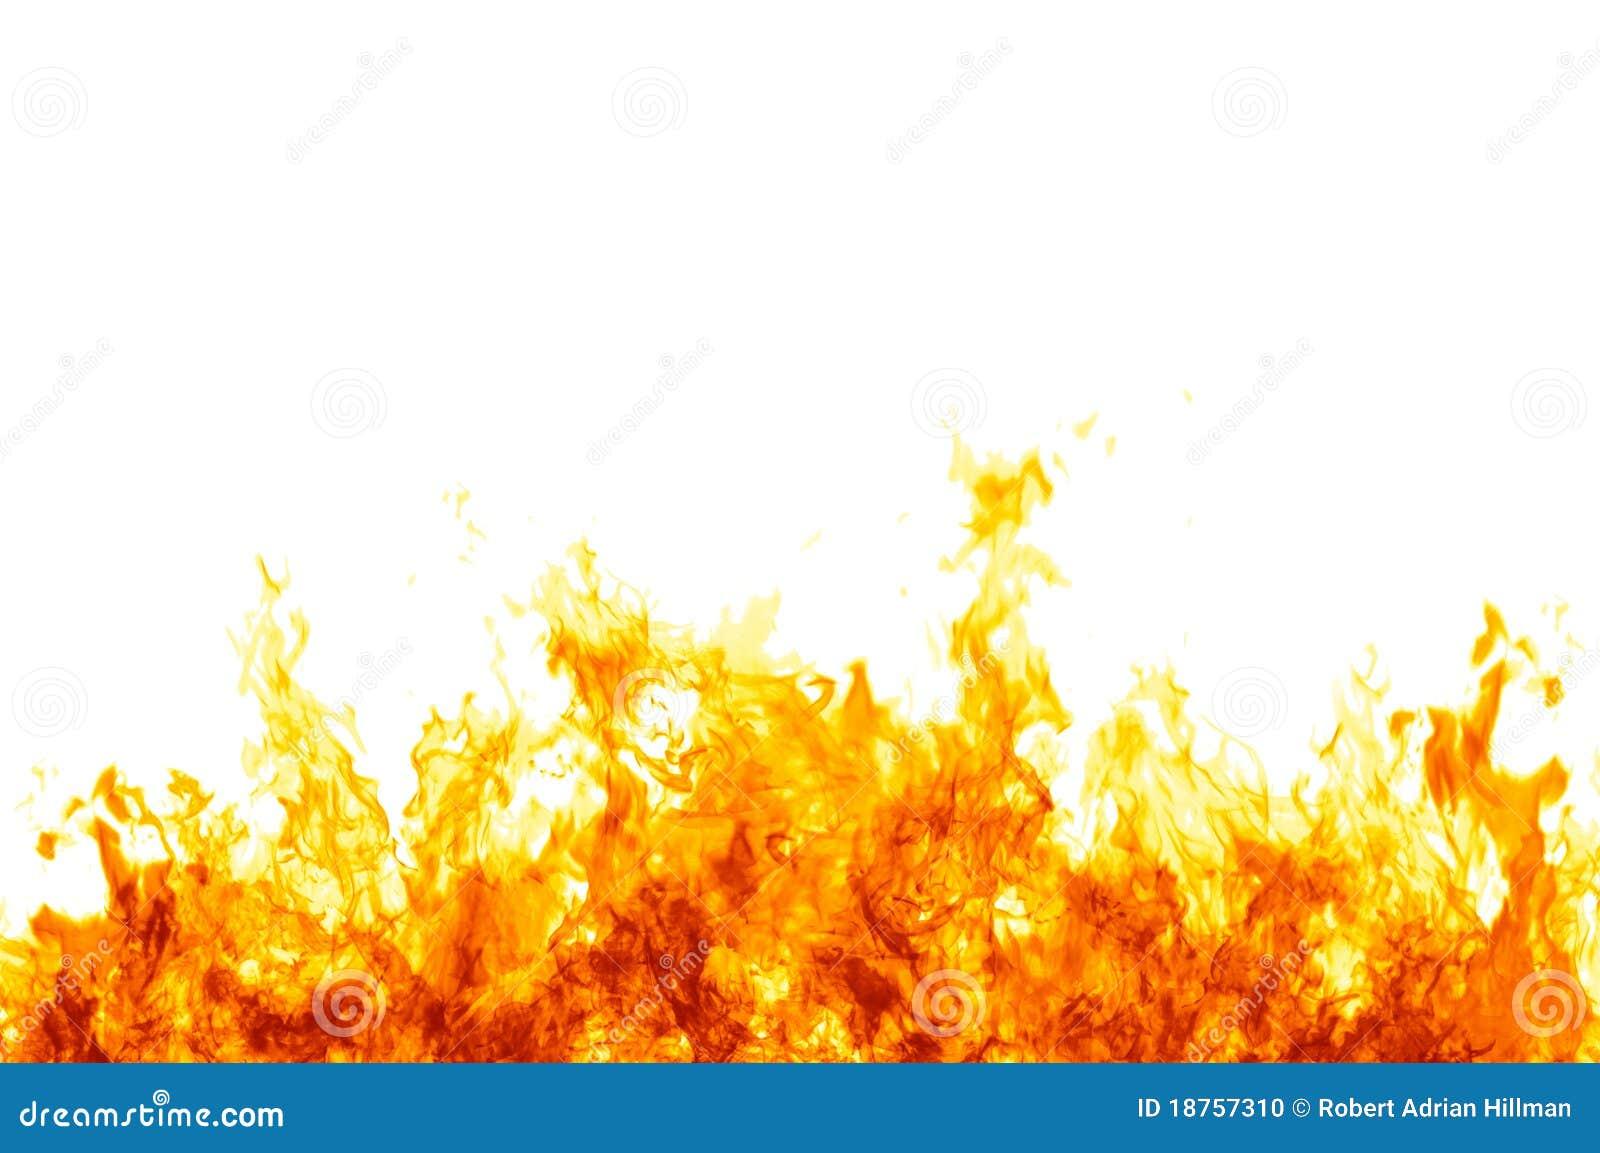 weiss auf weiss, flammen auf weiß stock abbildung. illustration von platz - 18757310, Innenarchitektur